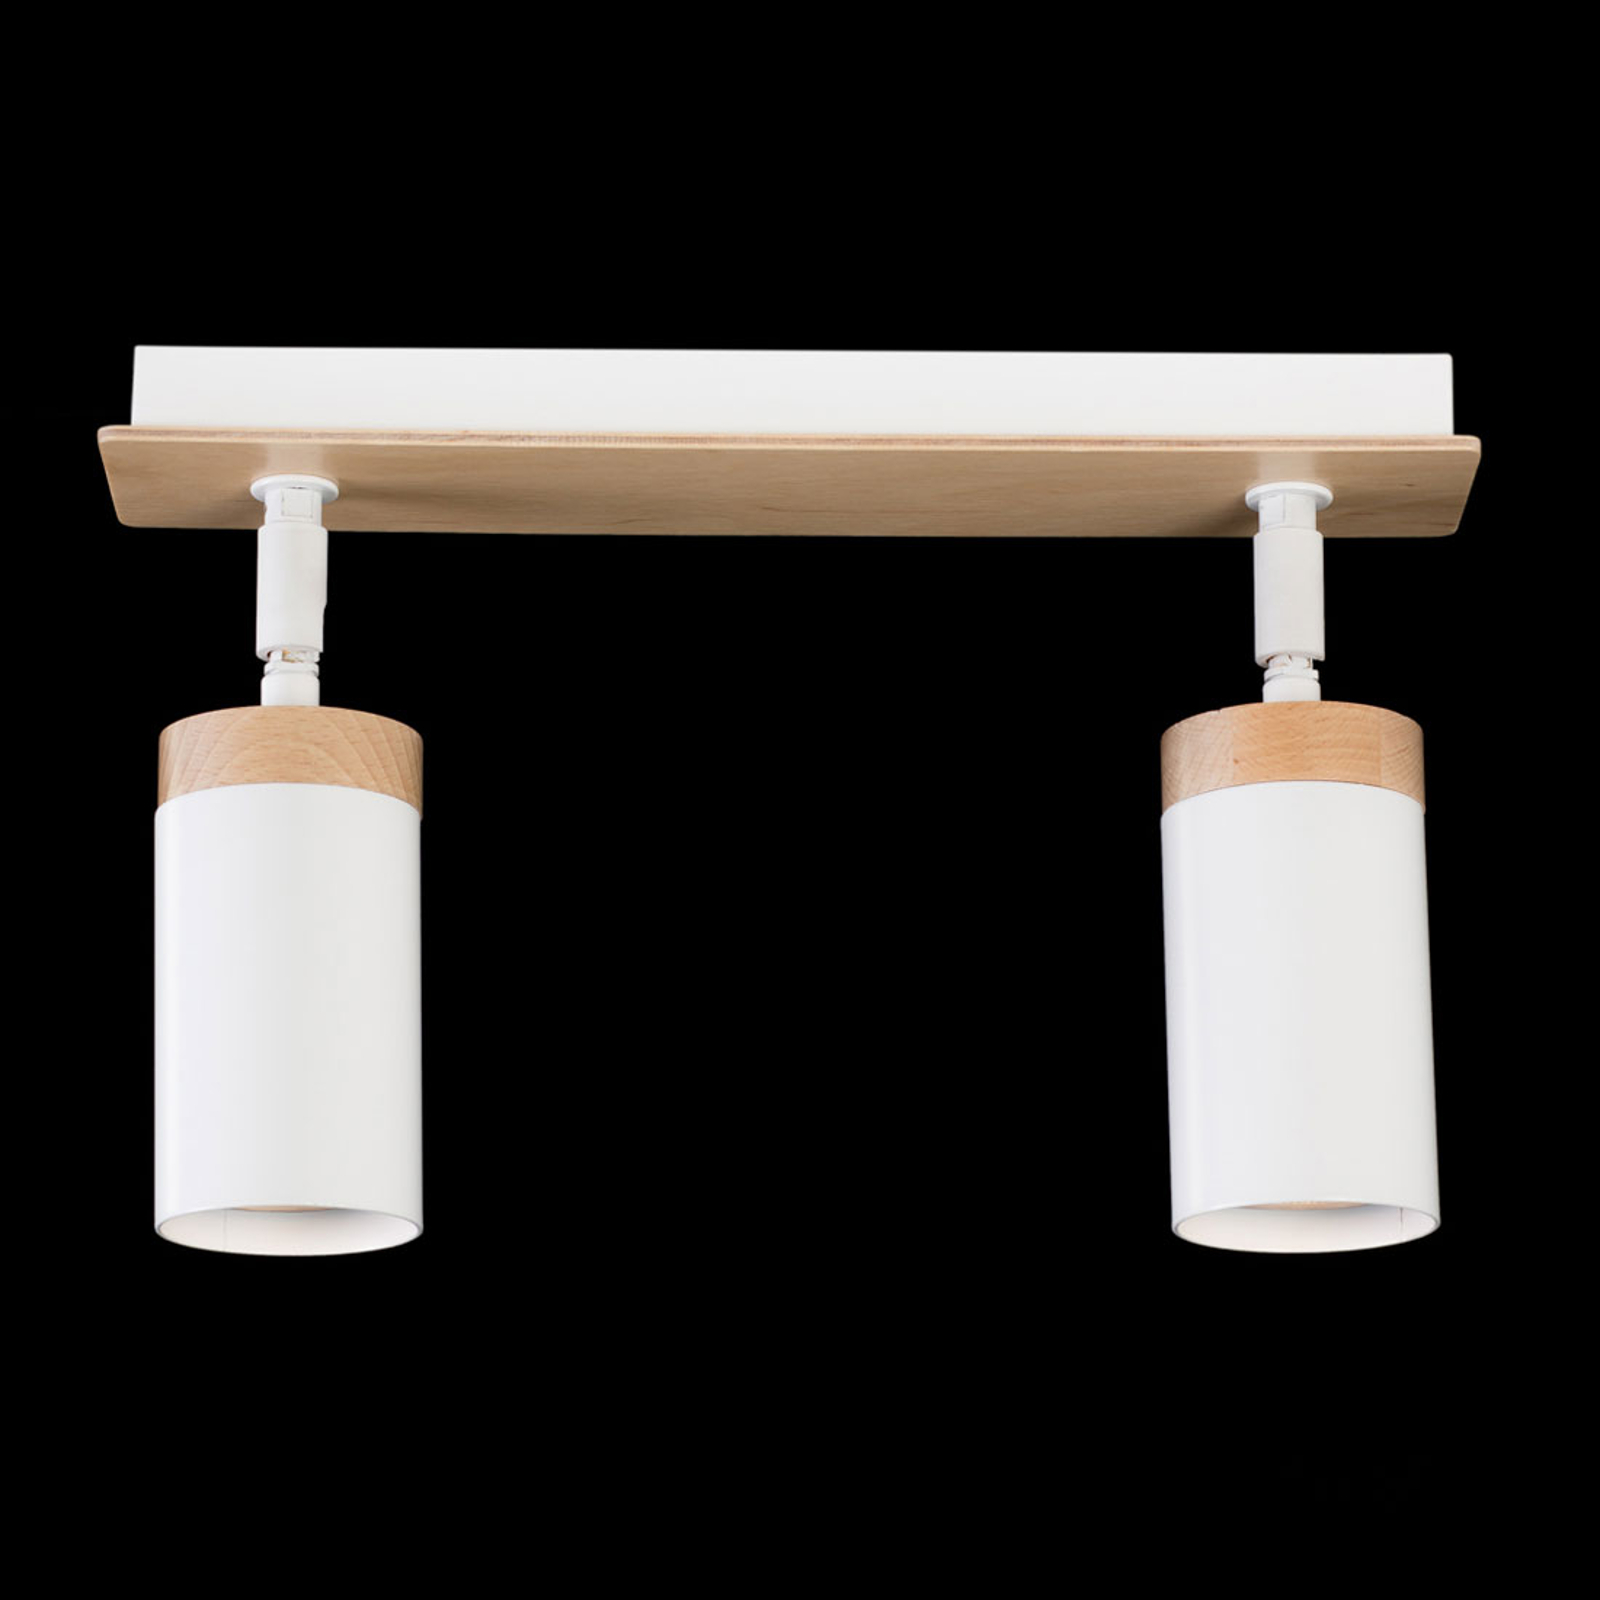 Kattokohdevalo Elba, kaksilamppuinen, valkoinen